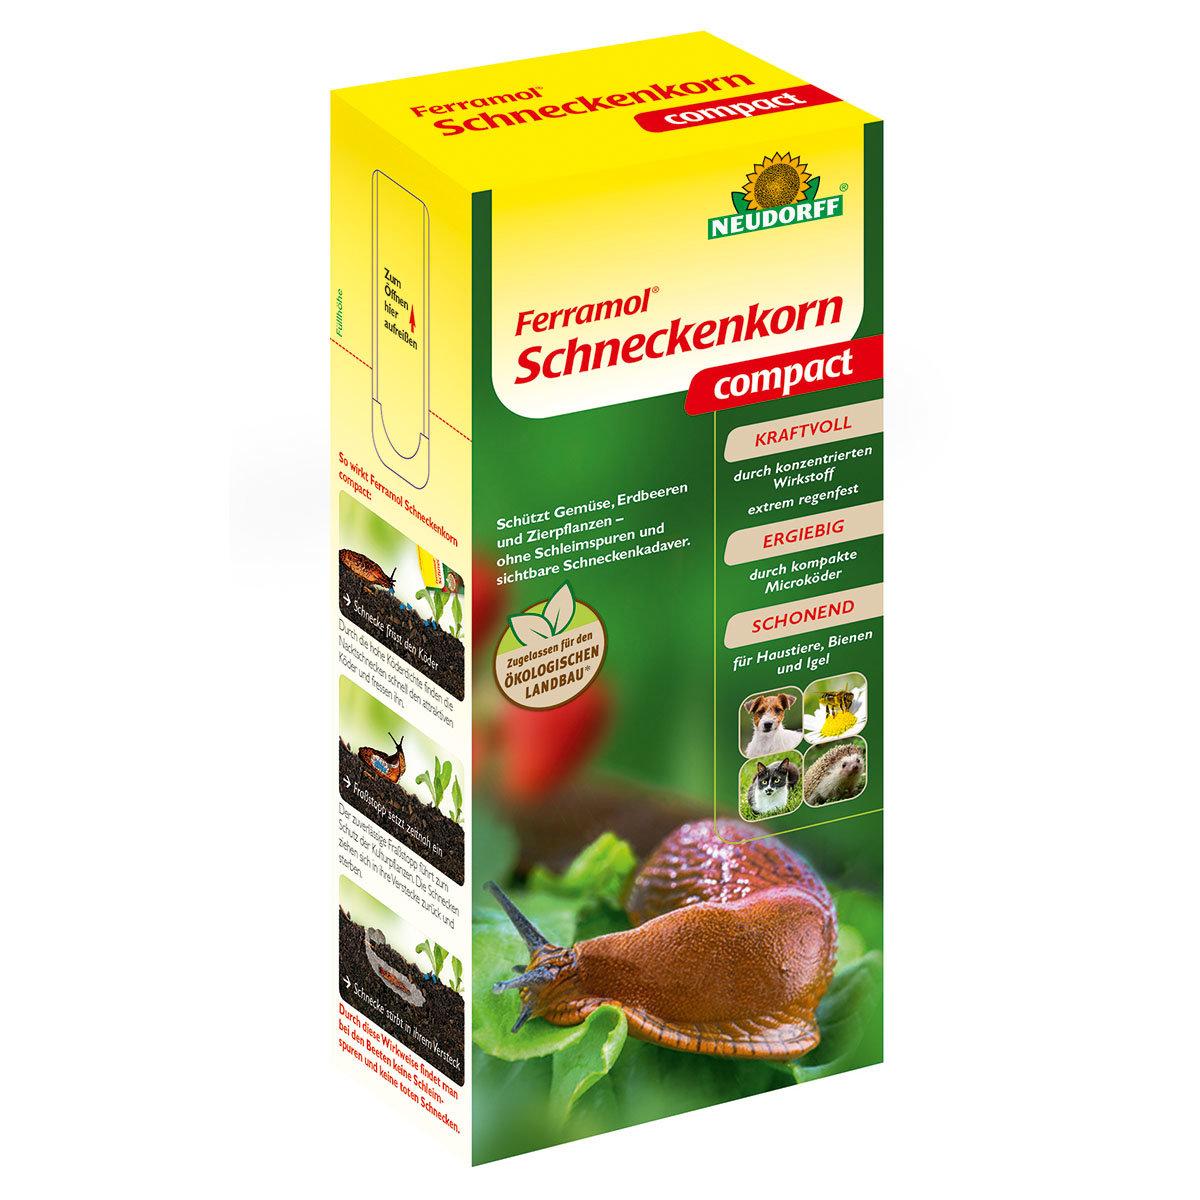 Neudorff Ferramol Schneckenkorn compact, 700 g